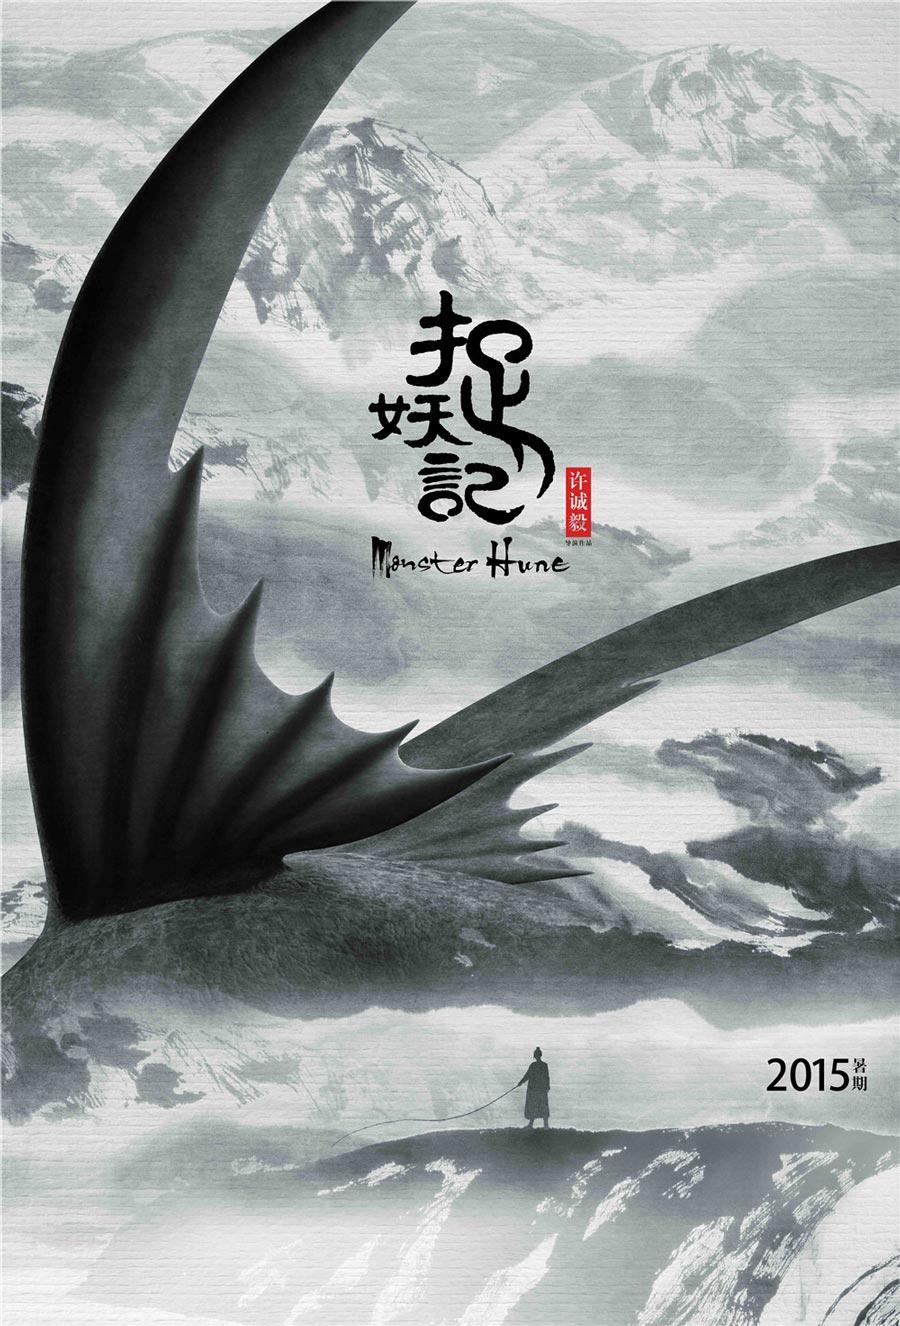 中国风电影海报,水墨书法海报设计